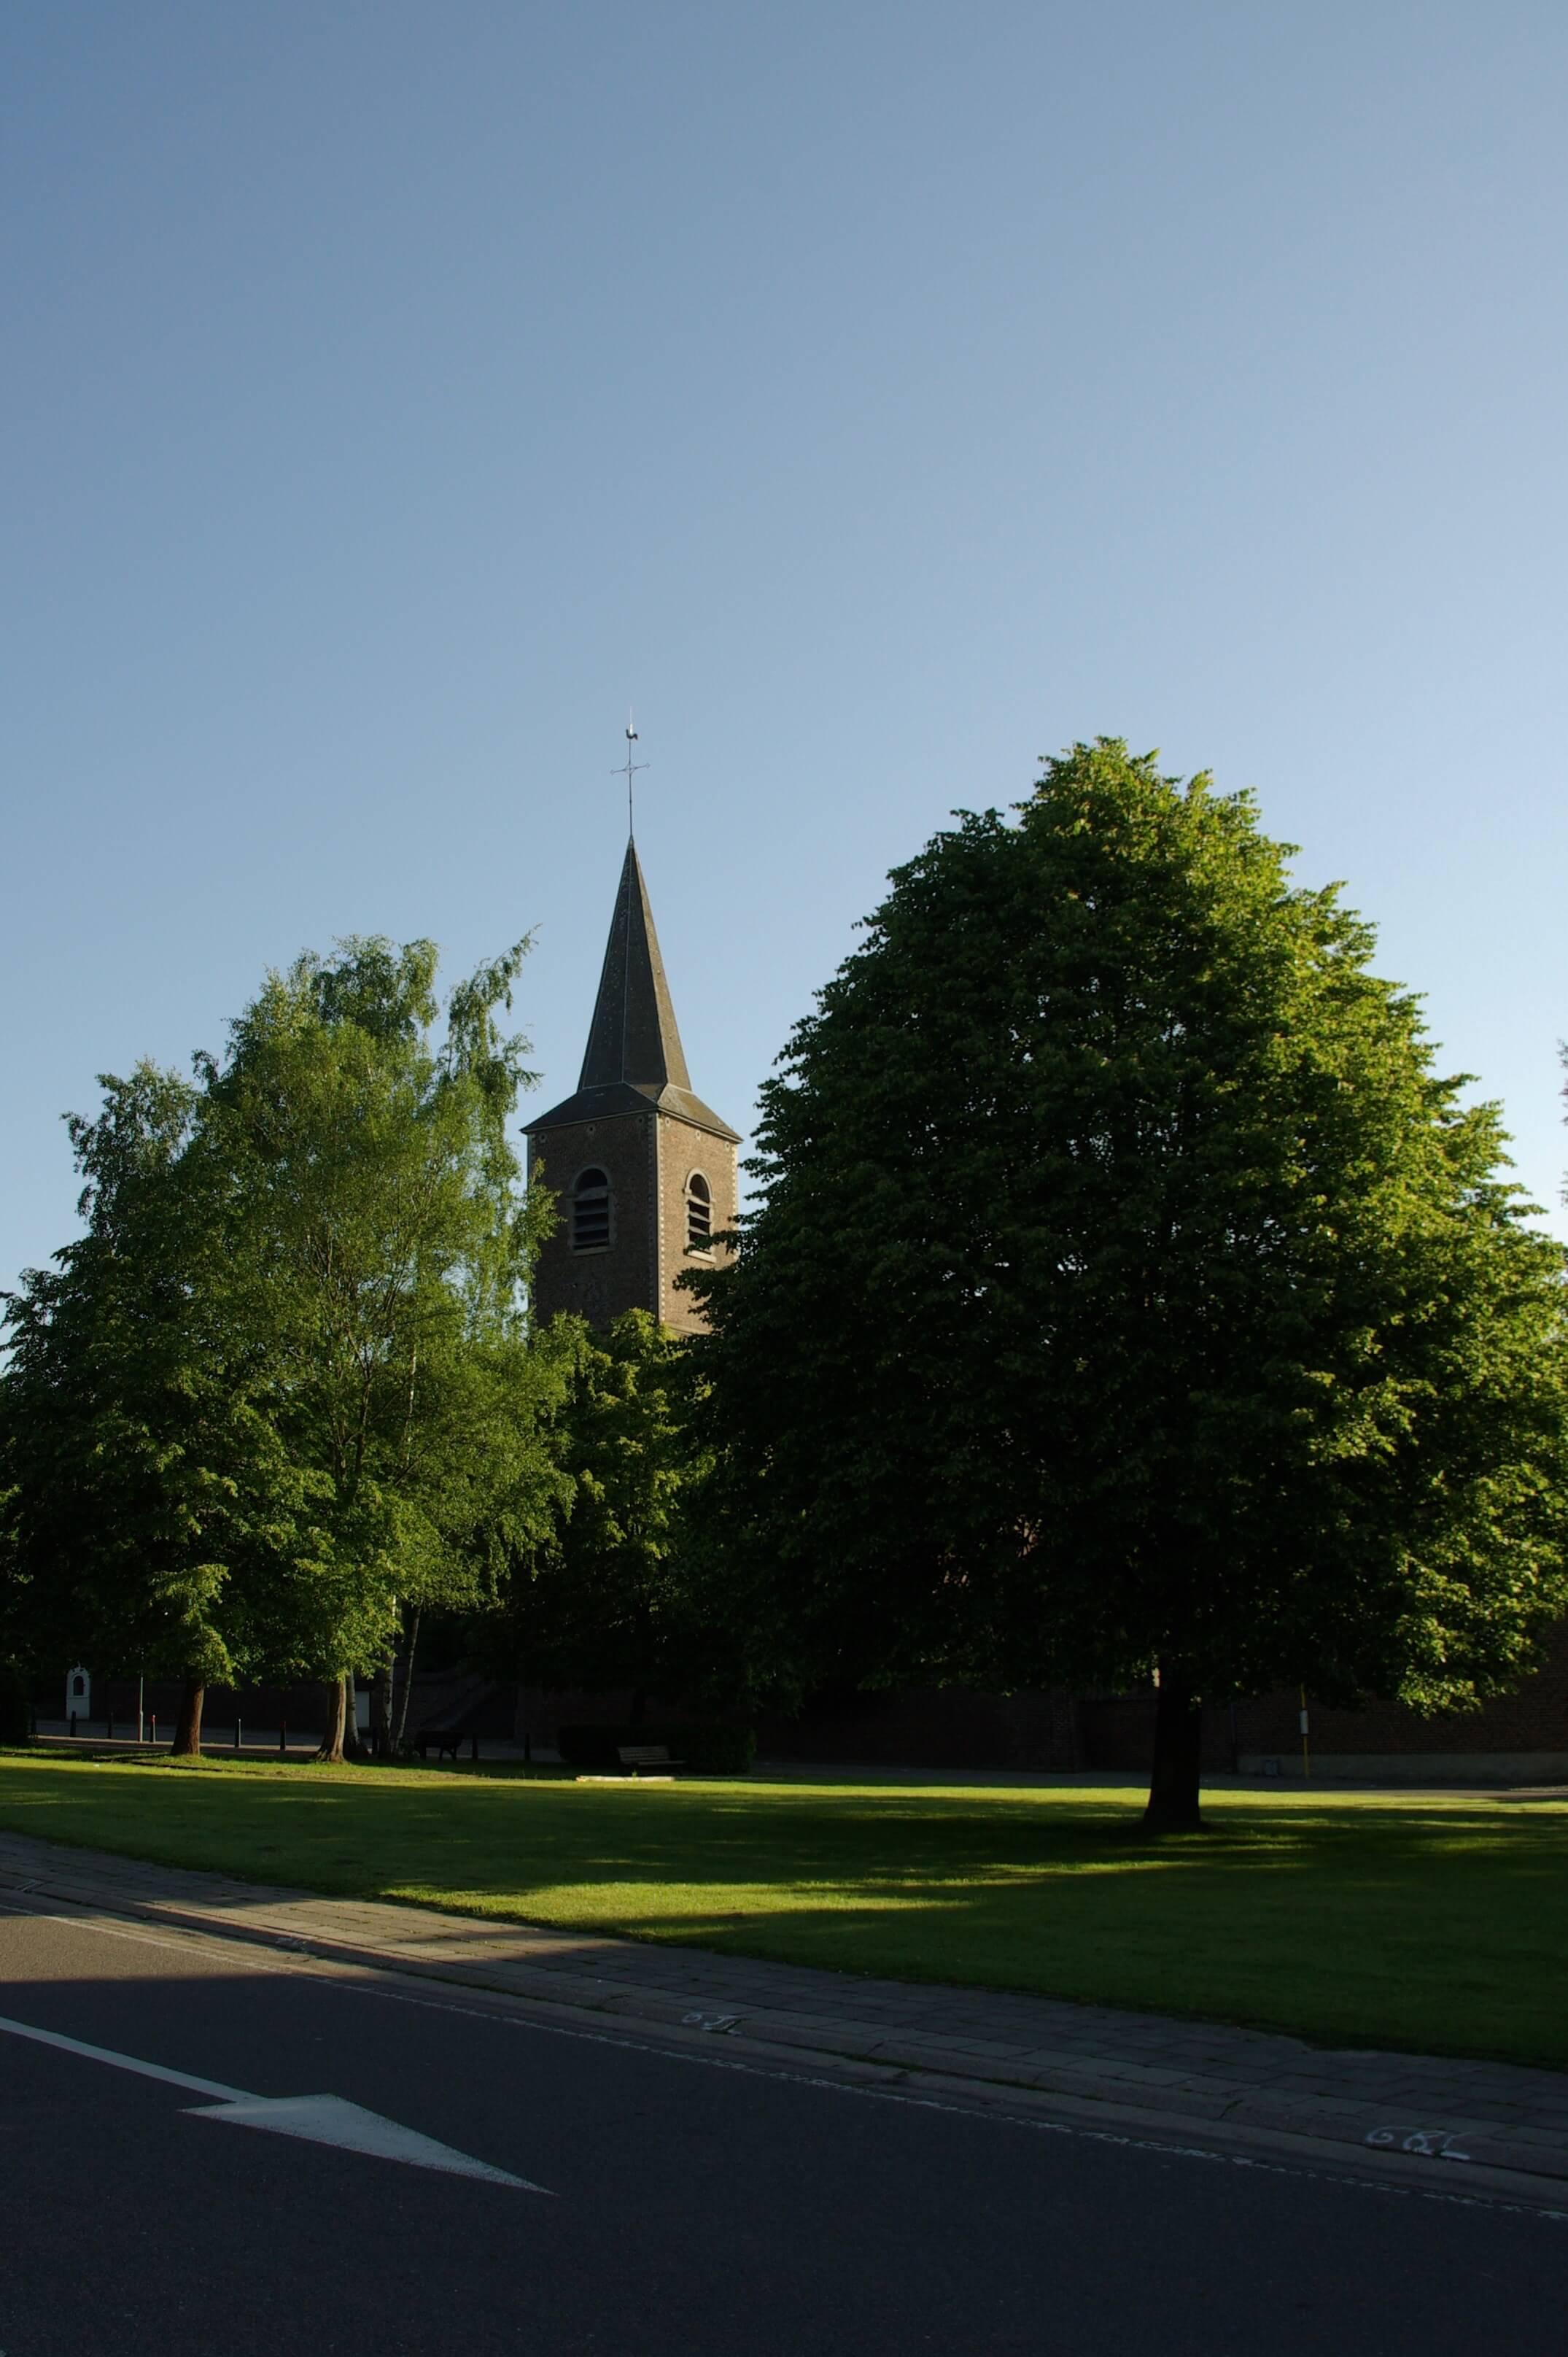 AR Tilleul 2m22 Eglise Saint-André de Rosières 5.2009 © Eric de Séjournet